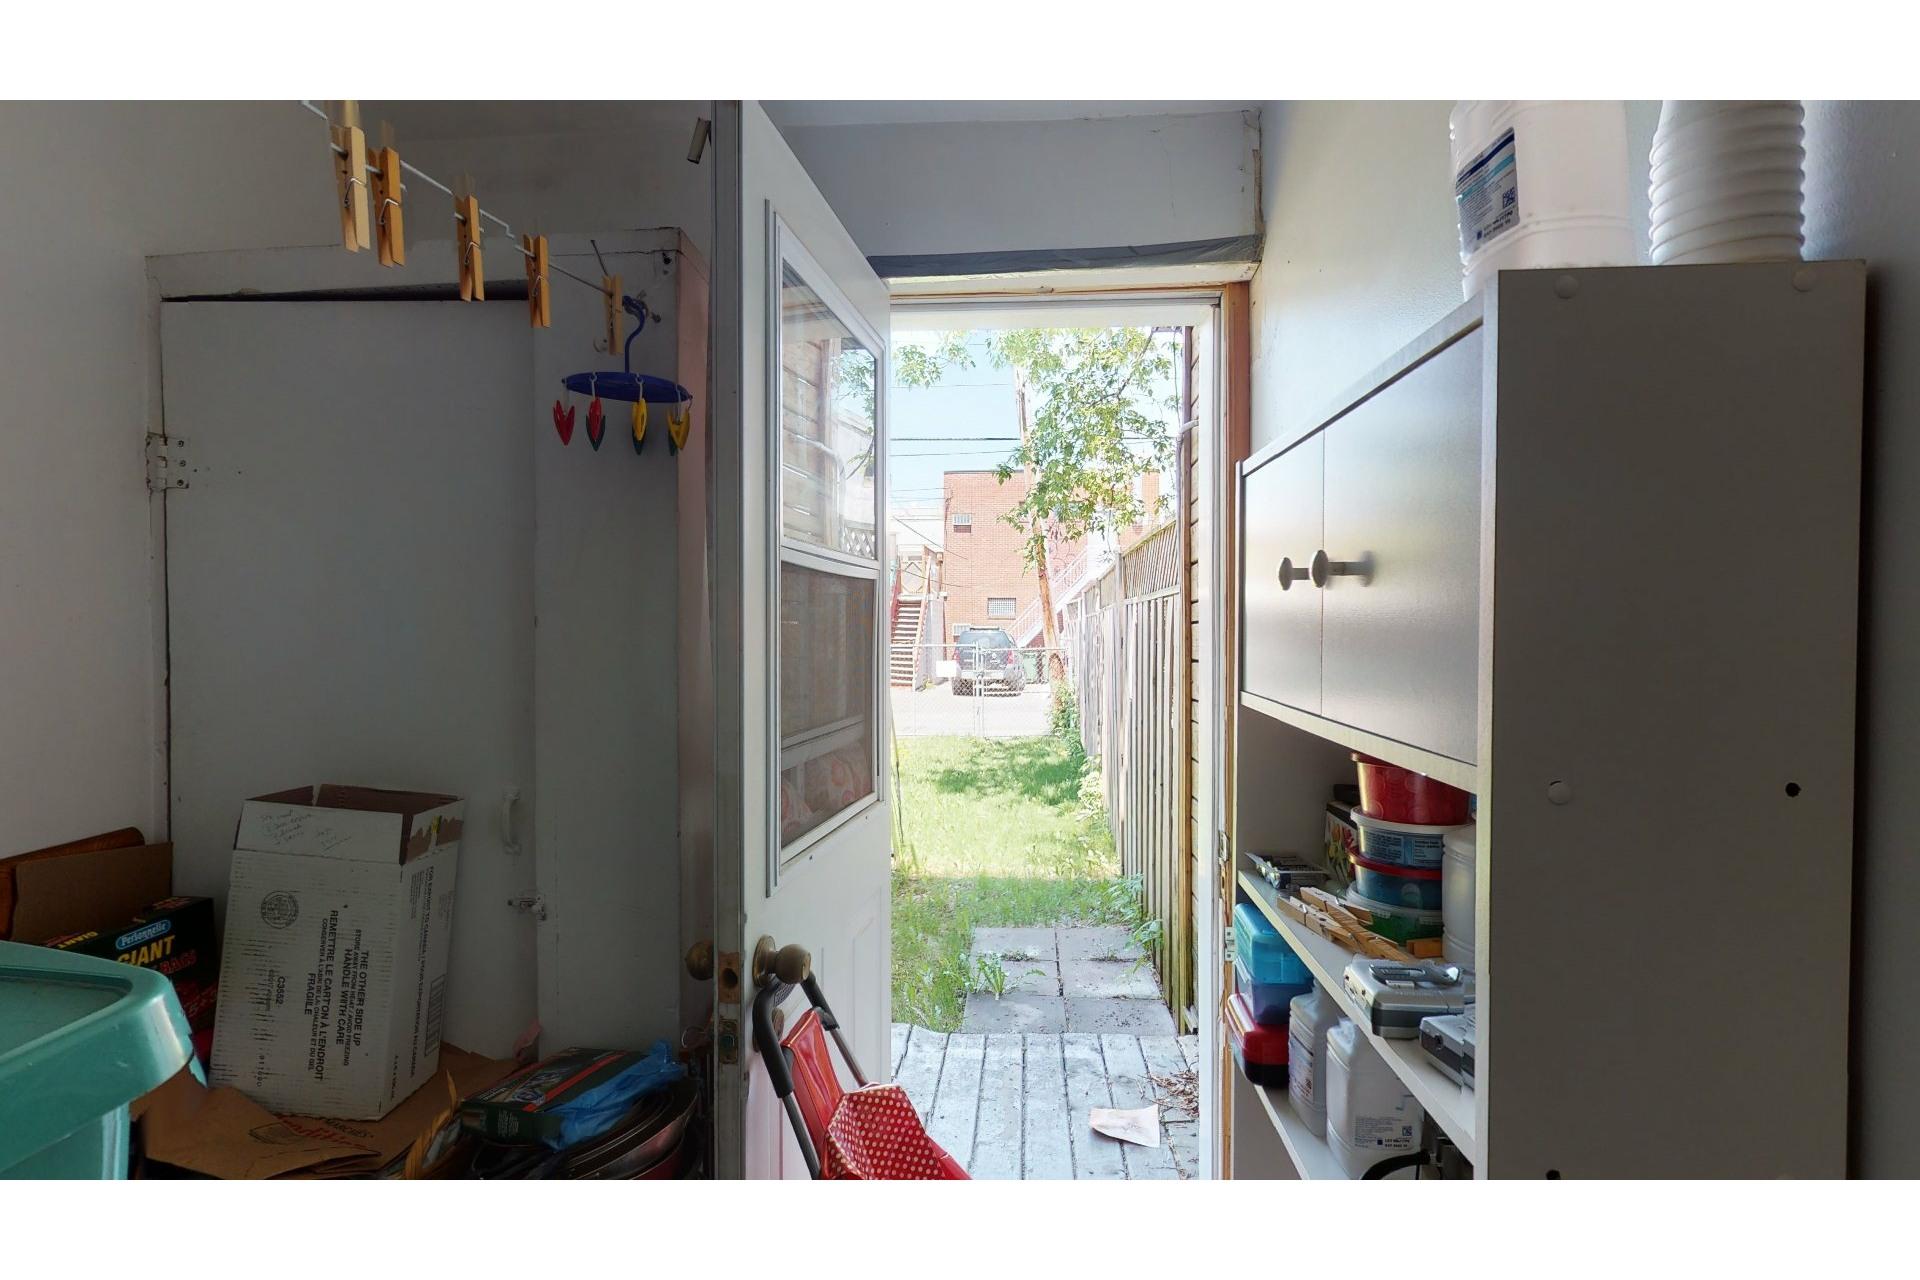 image 17 - Duplex À vendre Rosemont/La Petite-Patrie Montréal  - 4 pièces